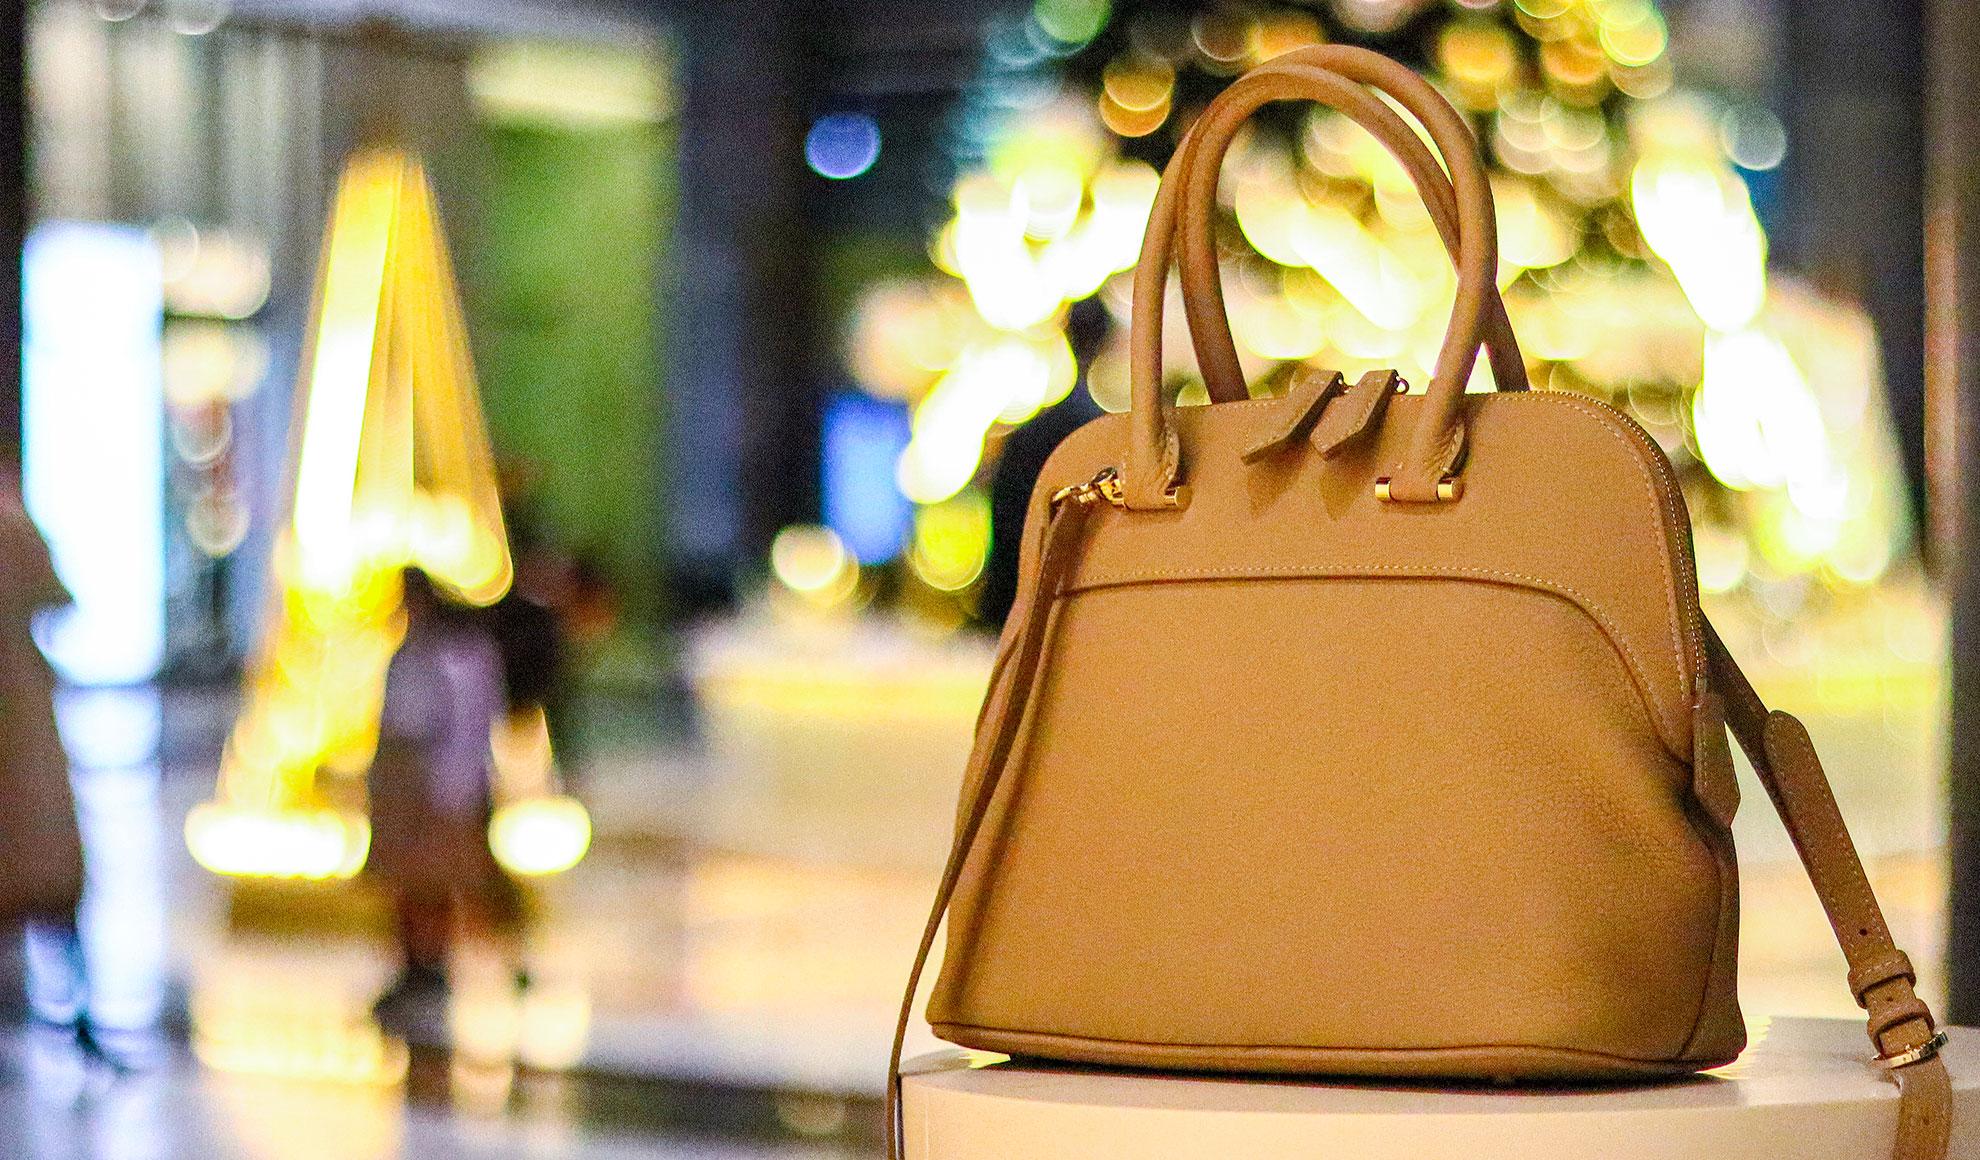 日本製「NAGATANI」最高級の本革を使った人気の本革バッグ